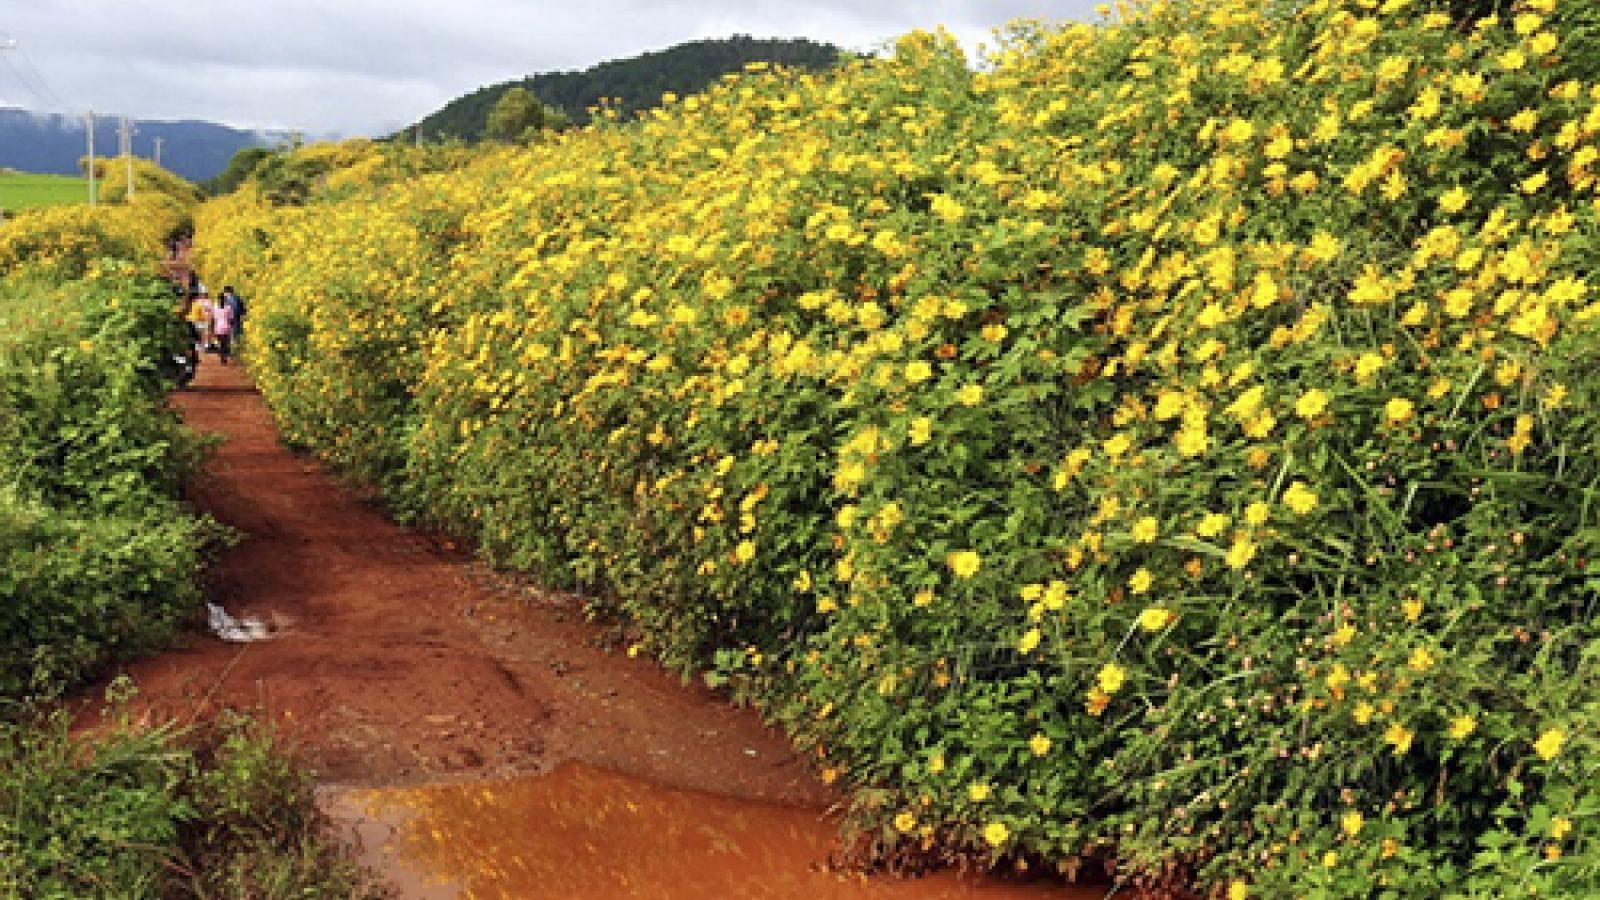 Wild sunflower season in Vietnam's plateaus